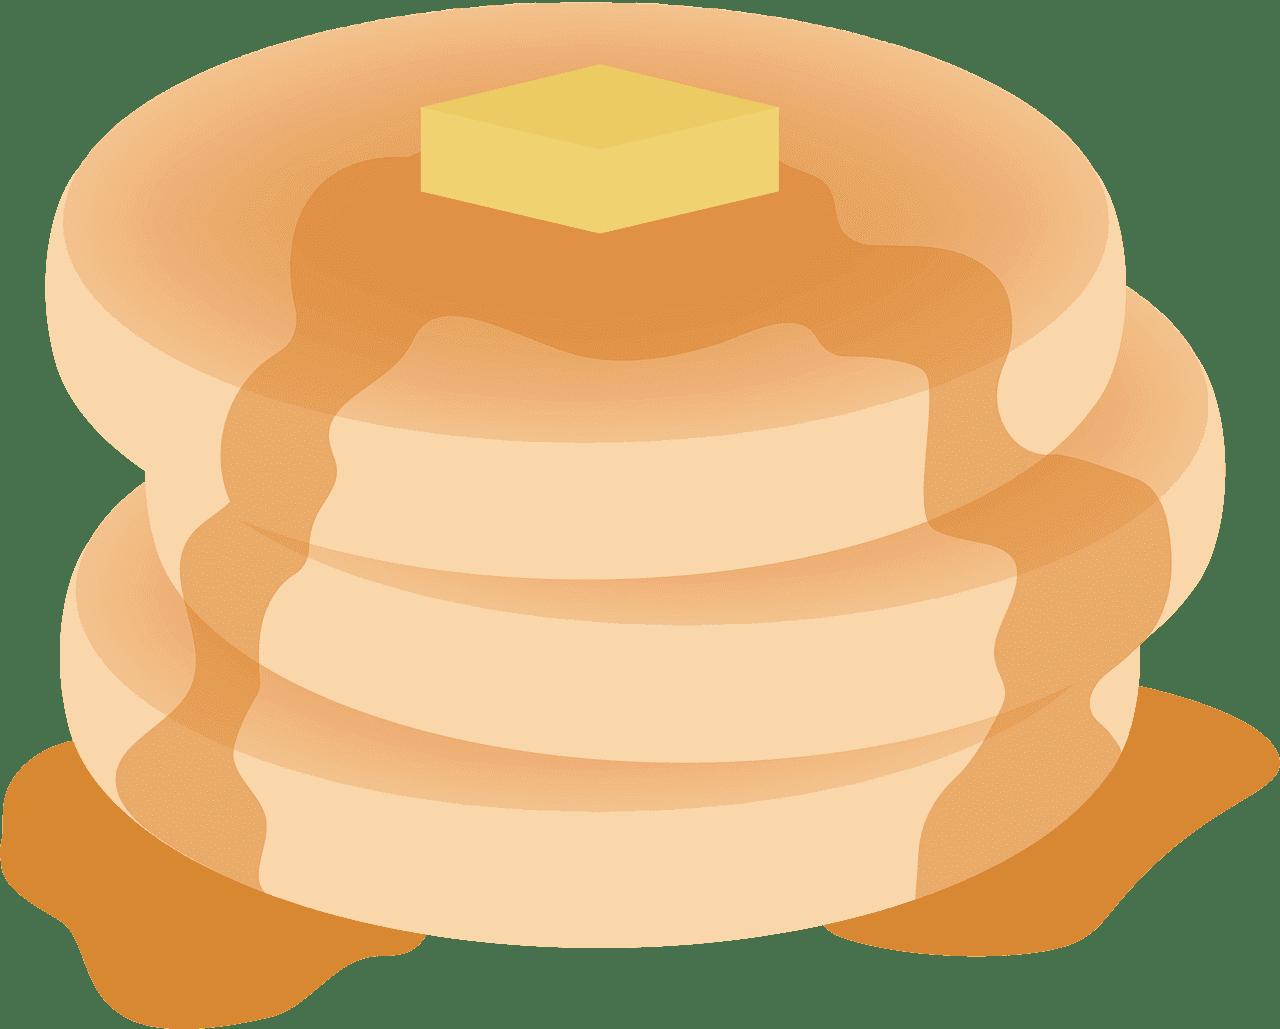 Pancakes clipart transparent background 3